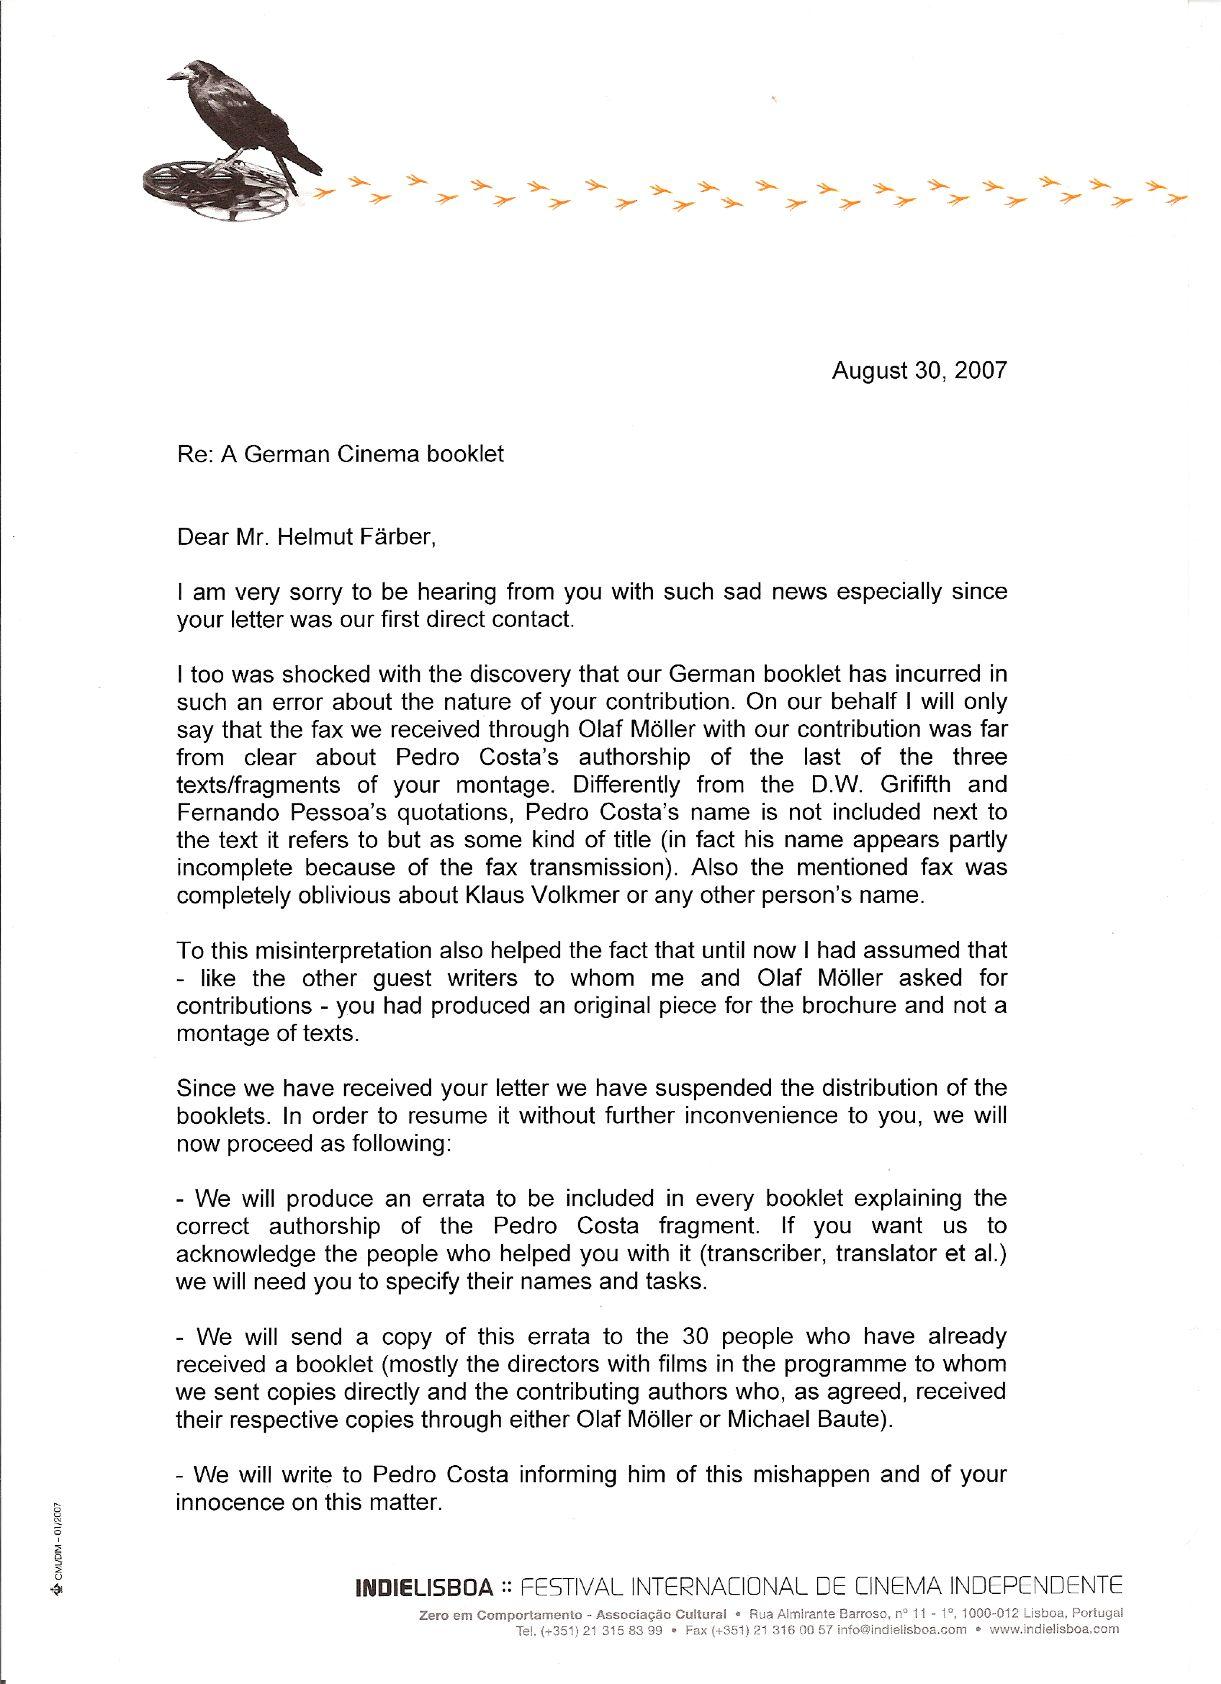 Letter_to_Helmut_Faerber_1